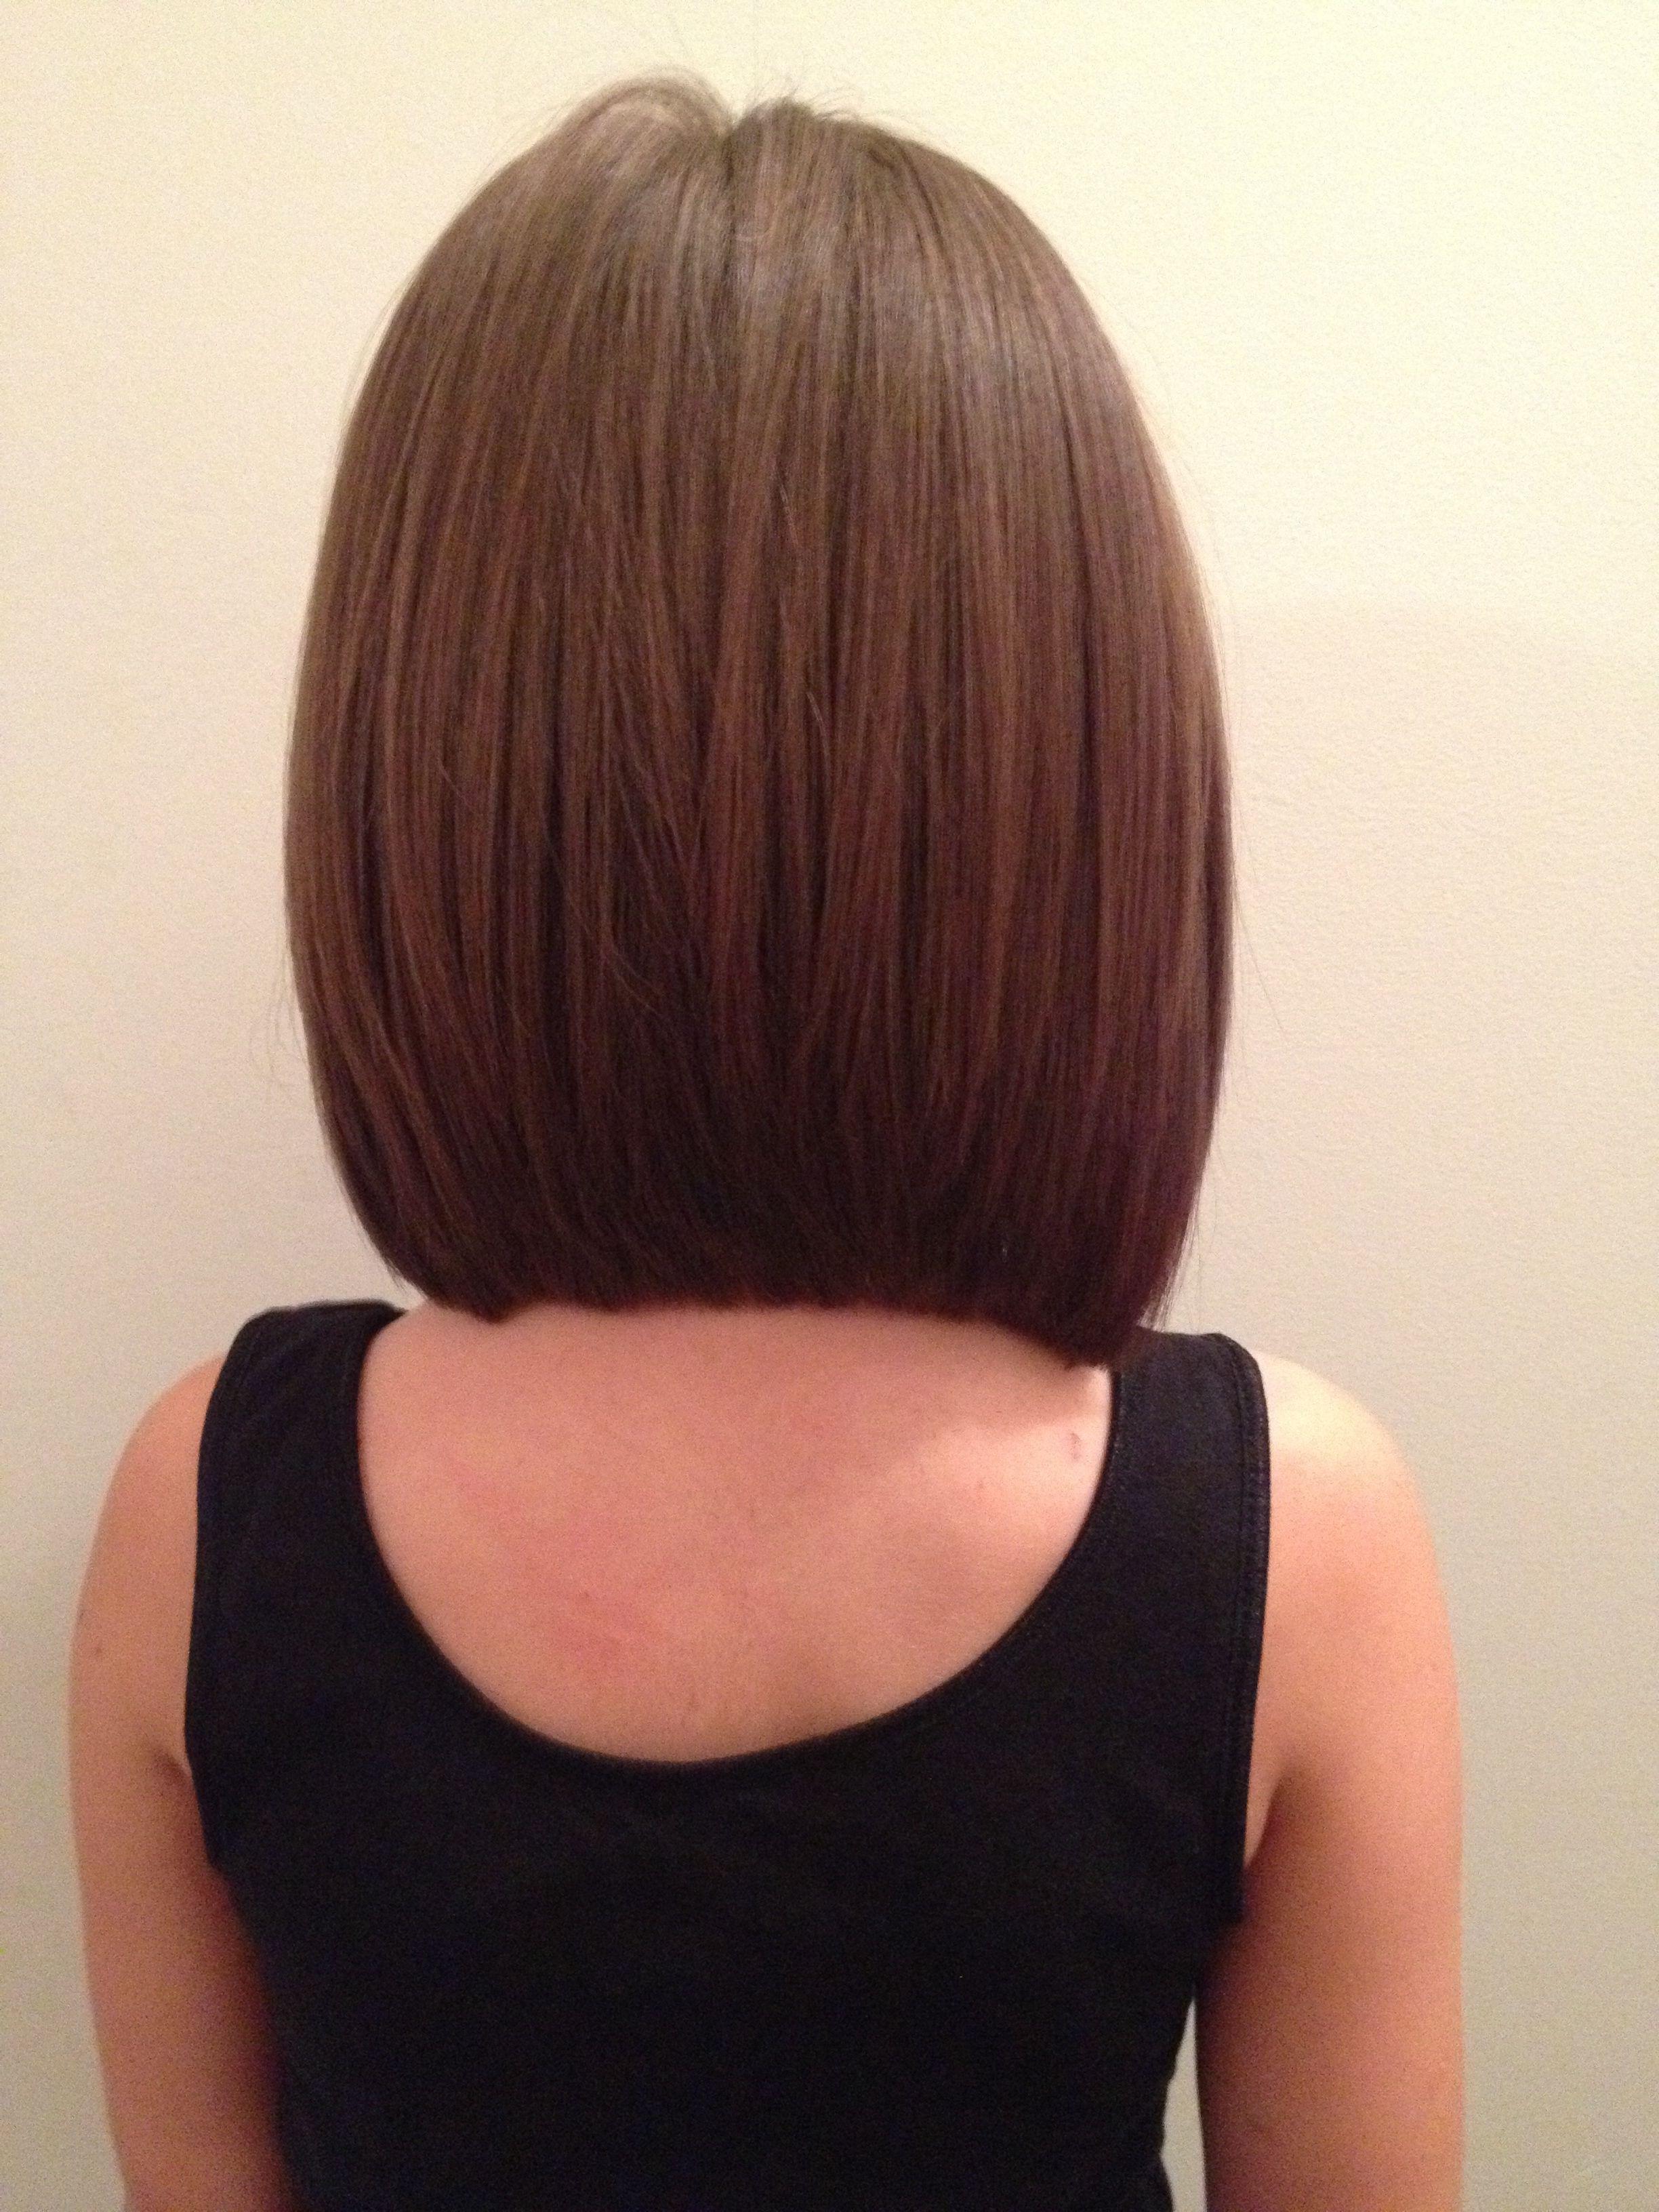 Medium Layered Angled Hairstyles Back View - Wavy Haircut